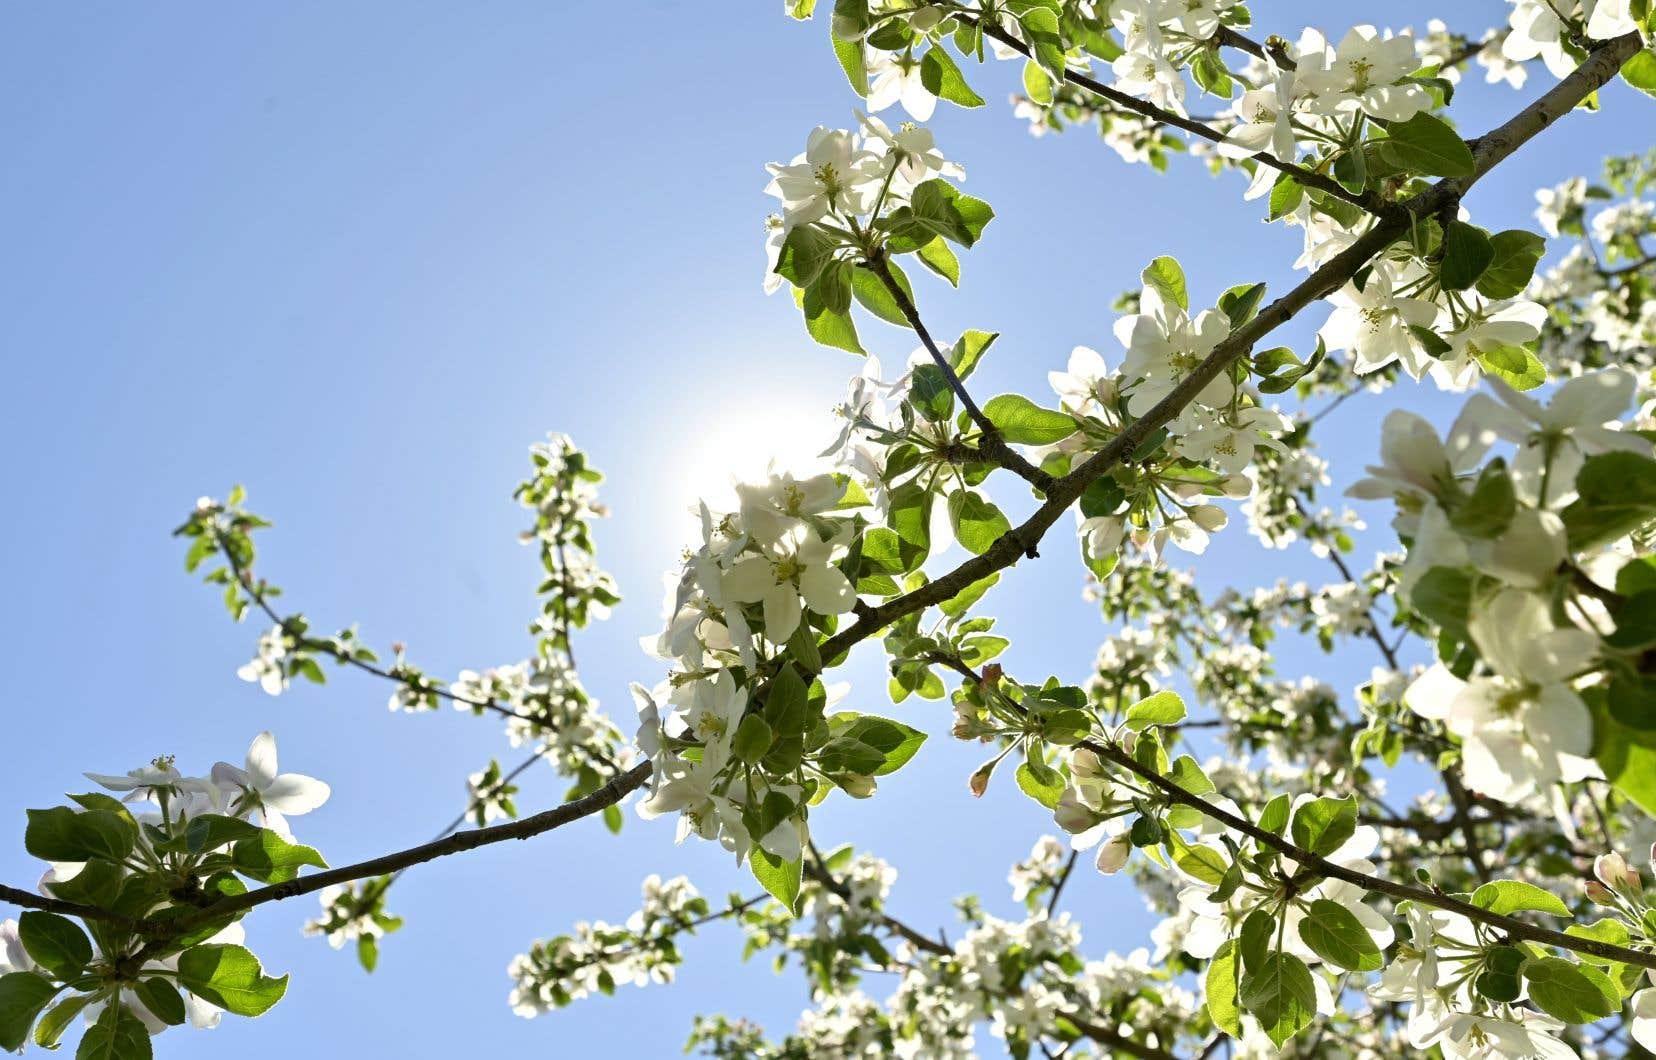 C'est le moment de prévoir une escapade à Rougemont, la capitale de la pomme du Québec, pour profiter de ces paysages éphémères, qui devraient atteindre le sommet de leur beauté autour de la fête des Mères.